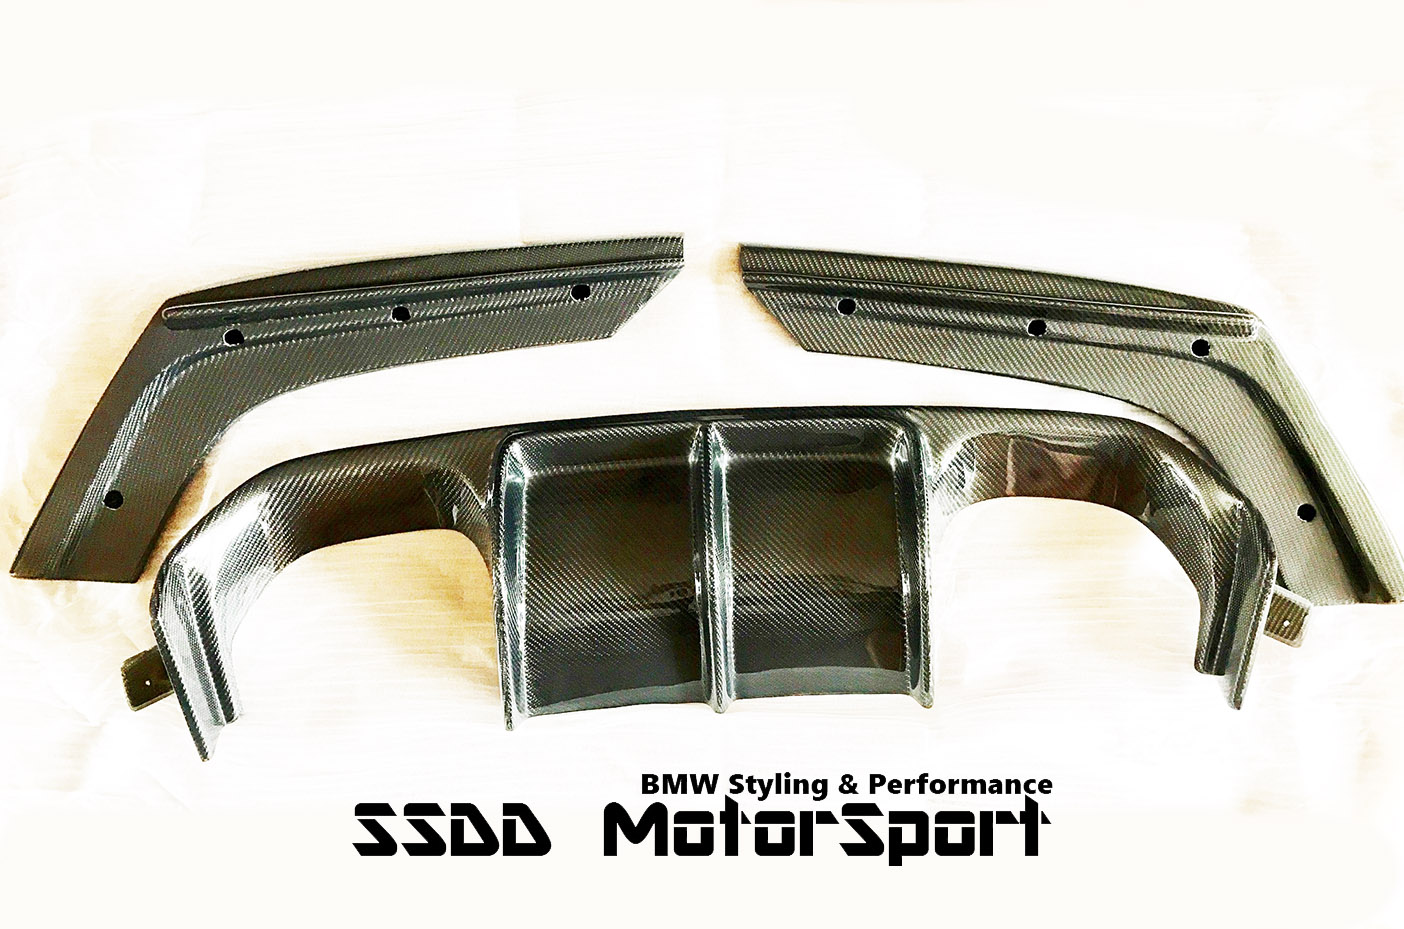 bmw-f80-m3-f82-f83-m4-vrs-carbon-fibre-diffuser-ssdd5.jpg